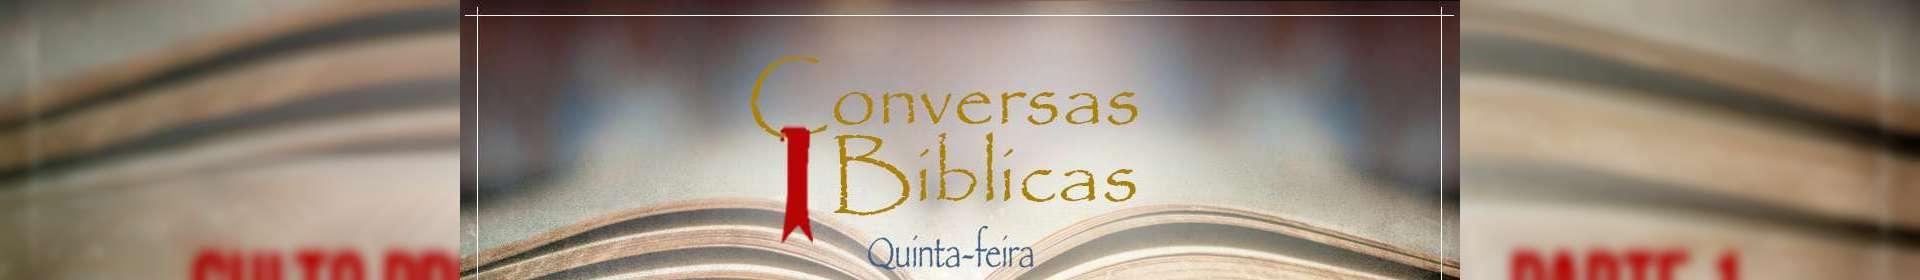 Conversas Bíblicas: Culto Profético e Grupos de Assistência - Parte 1